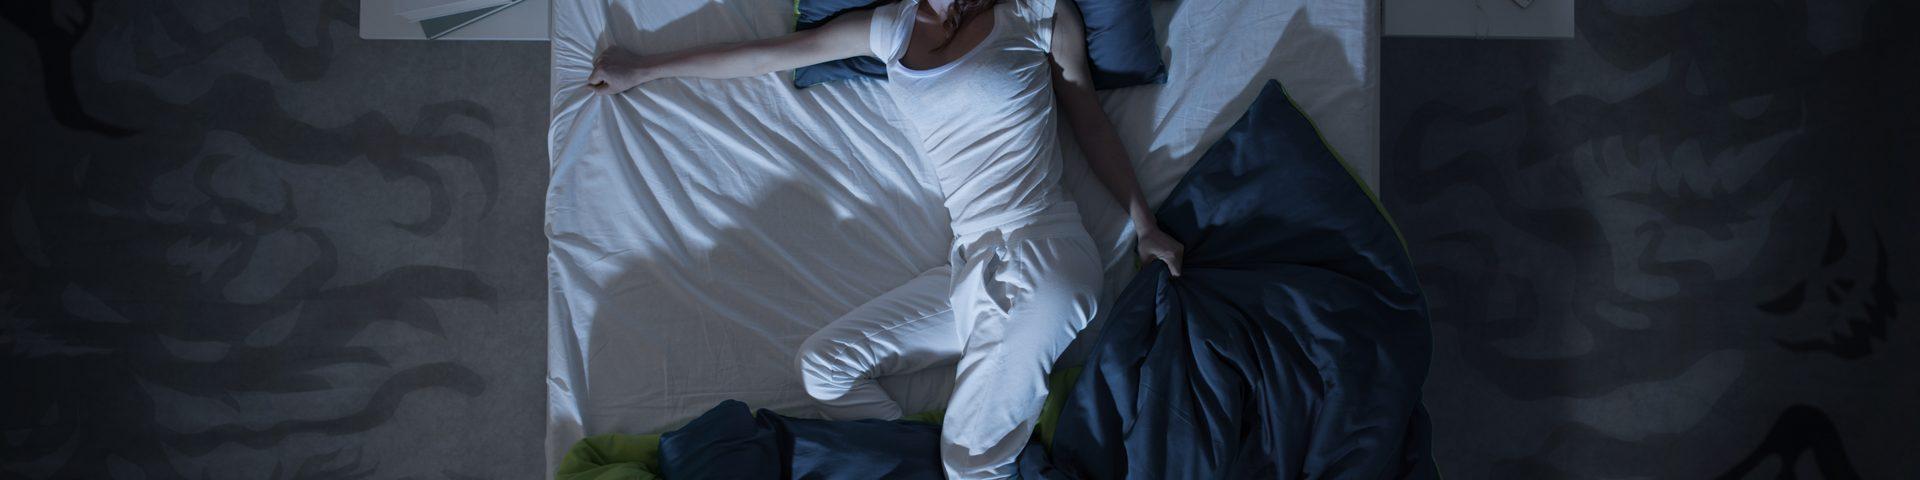 mujer durmiendo en una cama grande